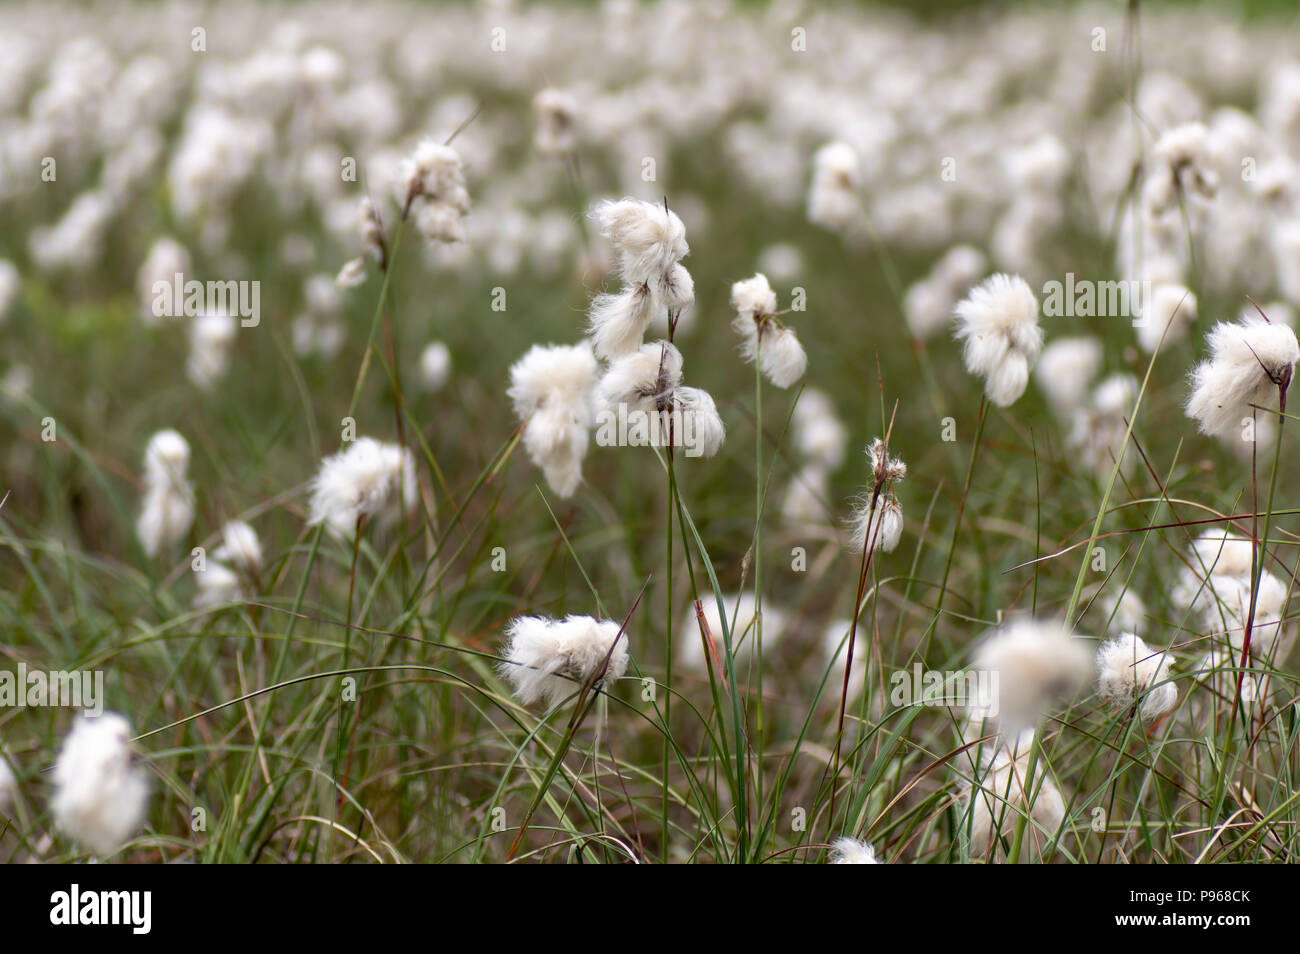 Common Cottongrass Eriophorum Angustifolium In Seed Sedge In The